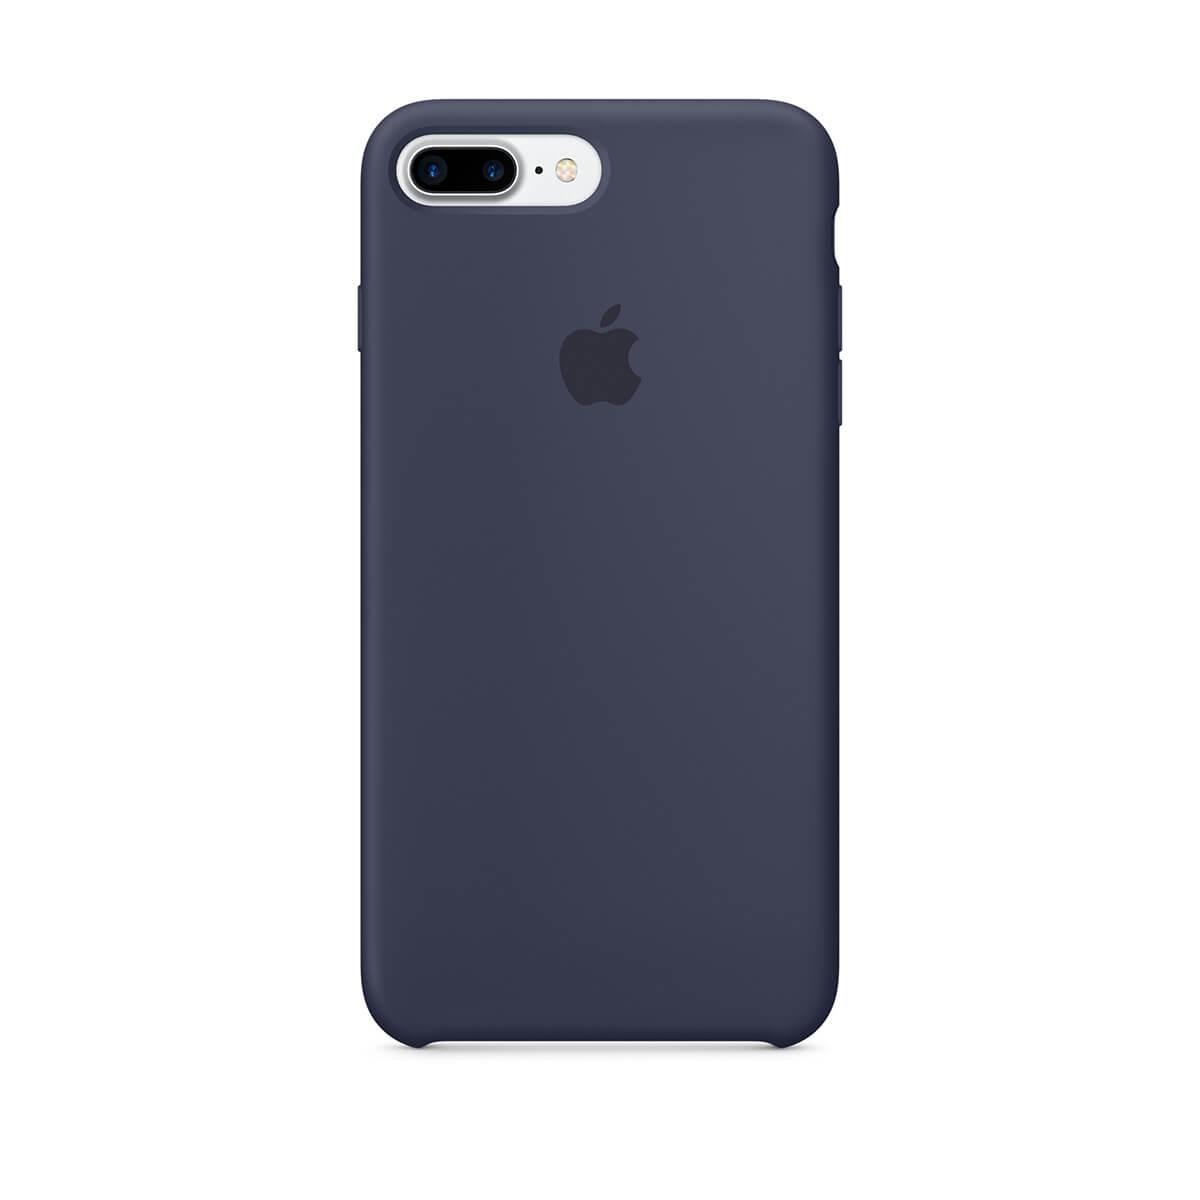 Silikonový kryt na iPhone 7 Plus – půlnočně modrý mmqu2zm/a